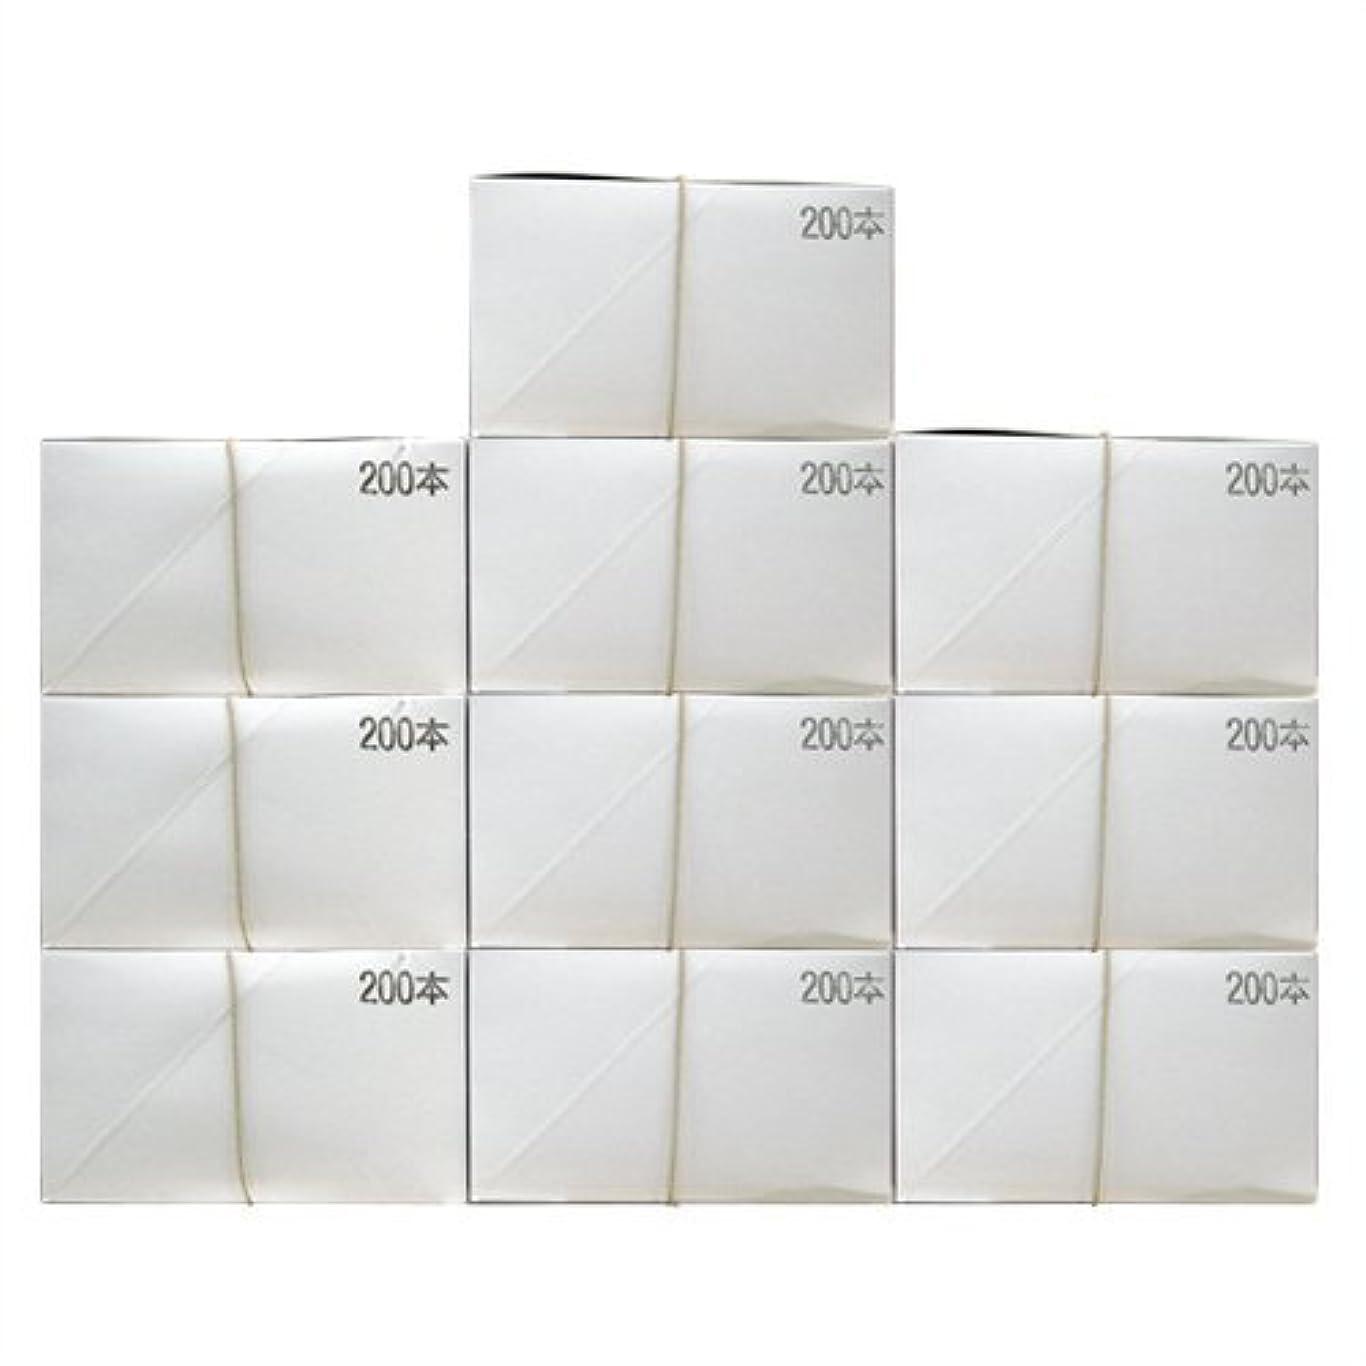 しつけそれによってメイド業務用 日本製 使い捨て粉付き歯ブラシ 個包装タイプ (2000本入)│ホテルアメニティ